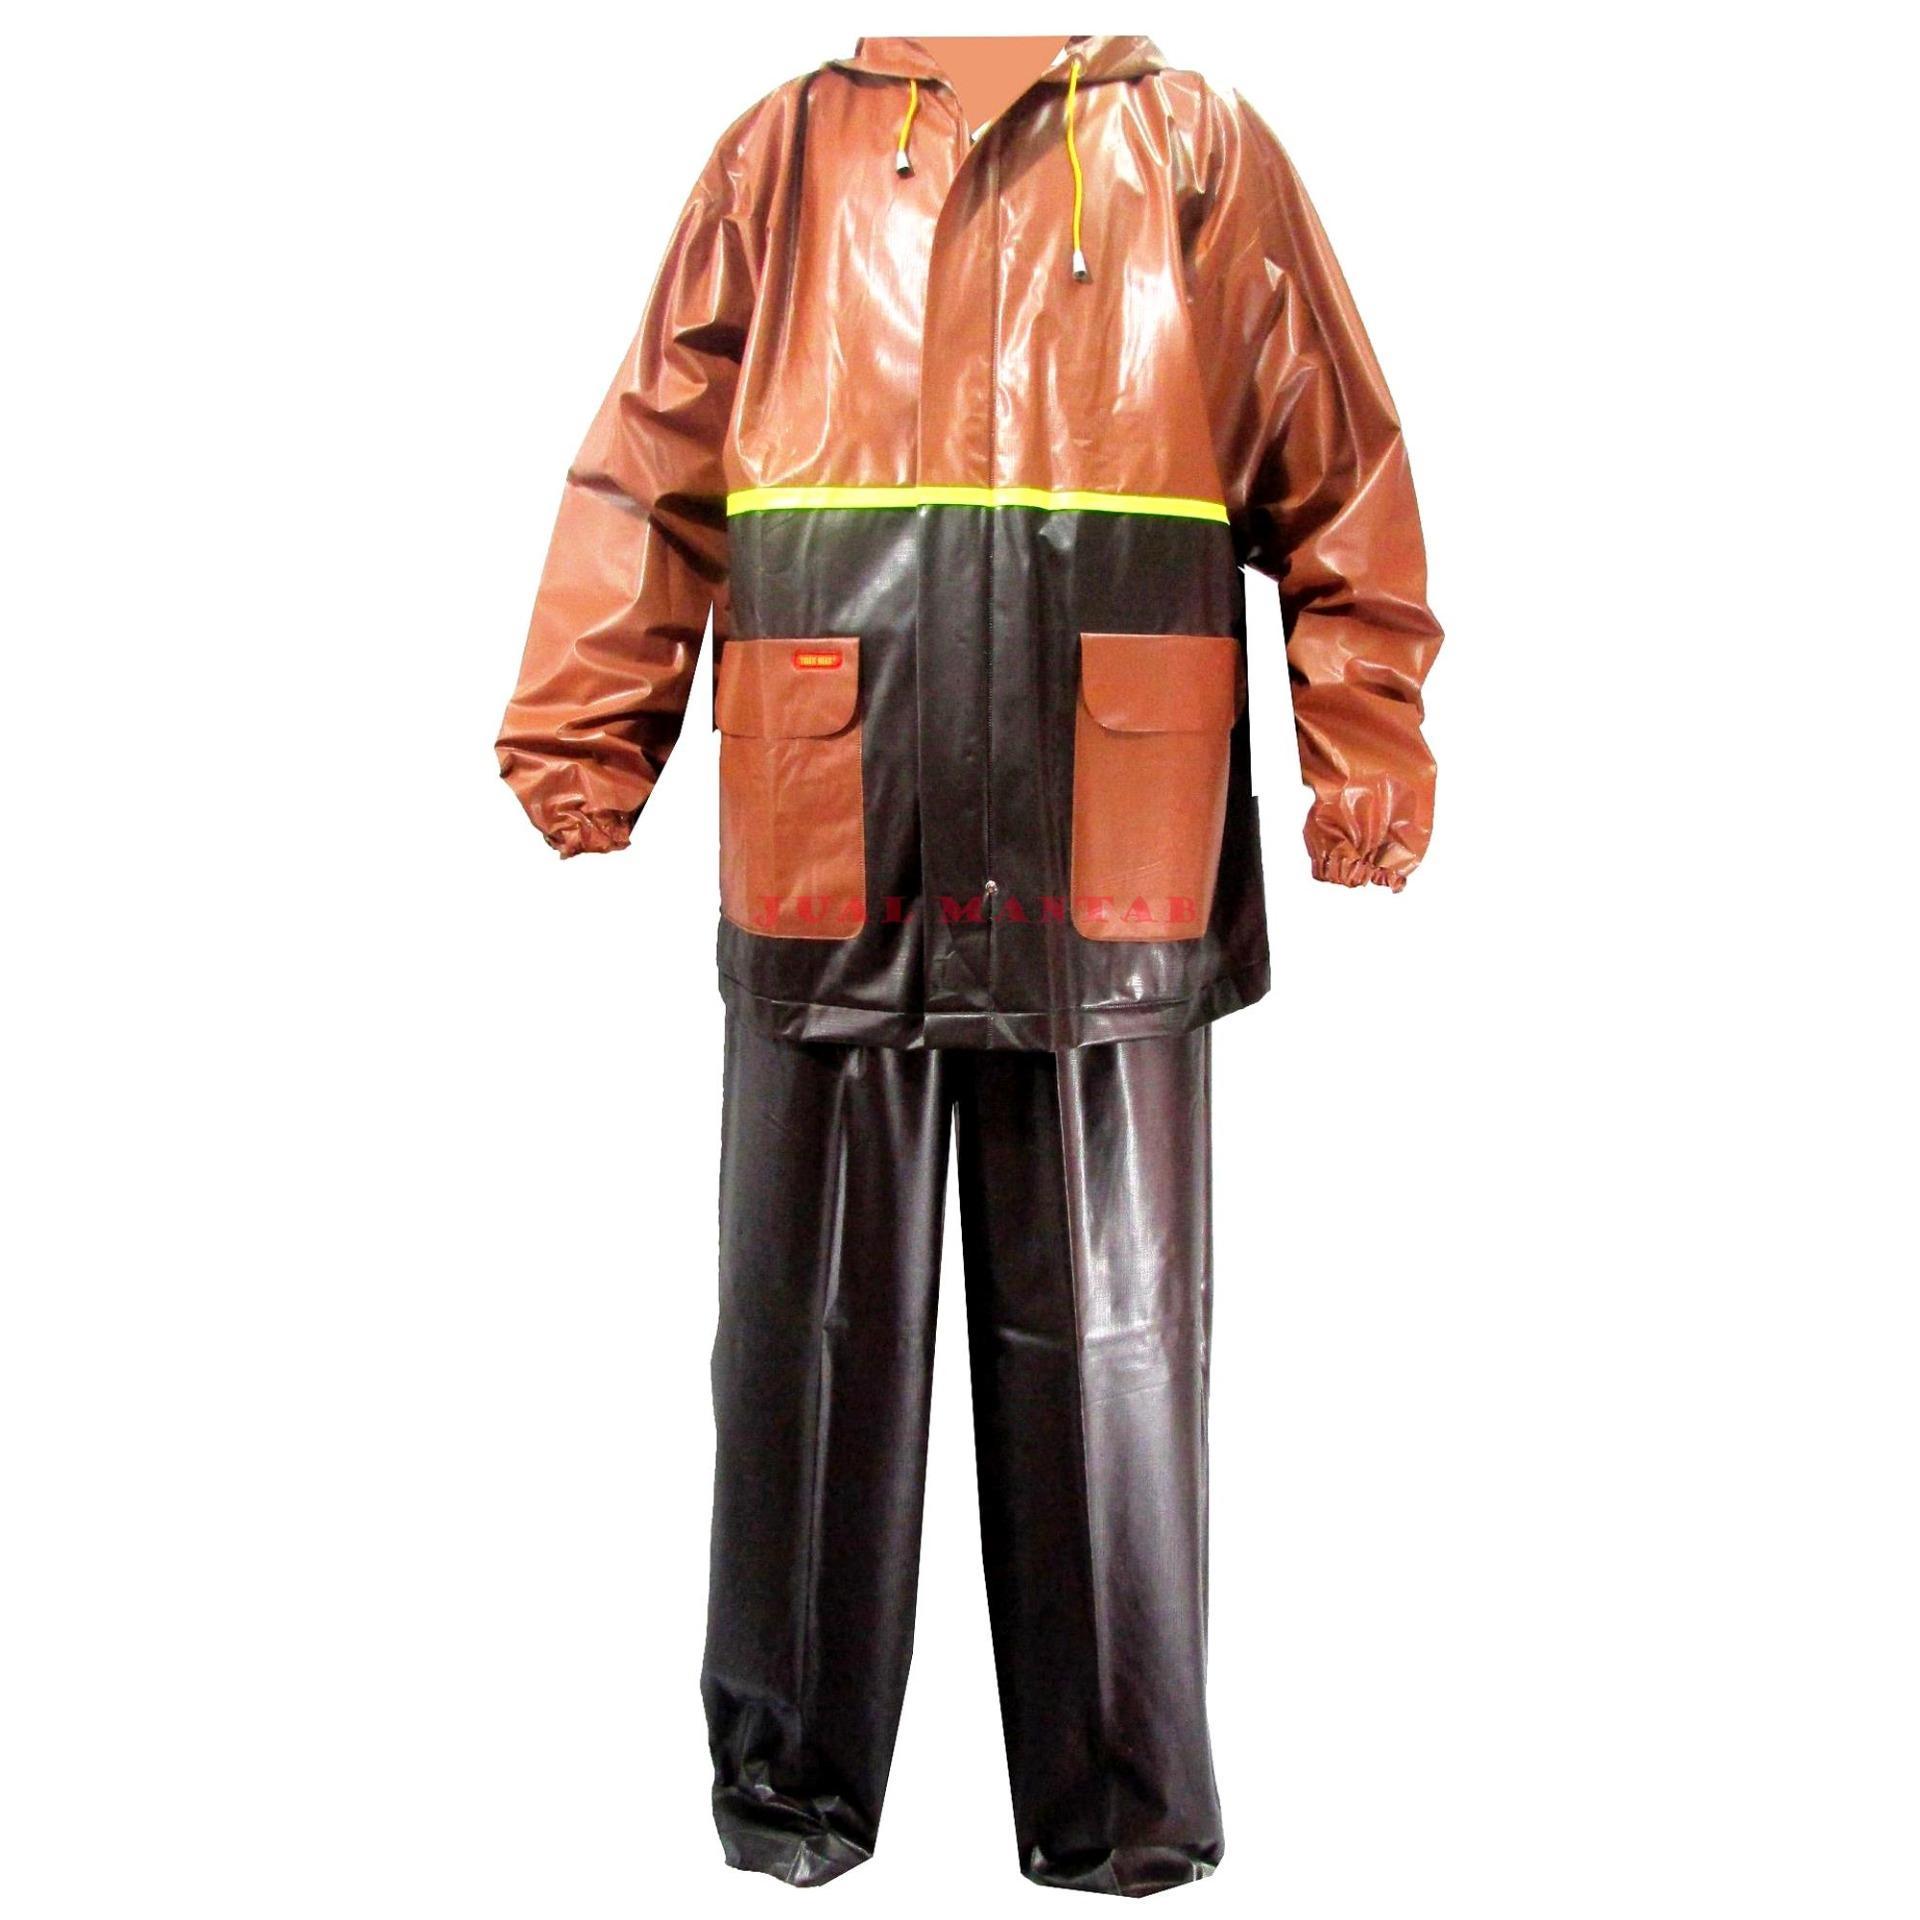 Tiger Head Jas Hujan Setelan Big Top - Raincoat Dewasa Jaket Celana Pria Wanita Murah -